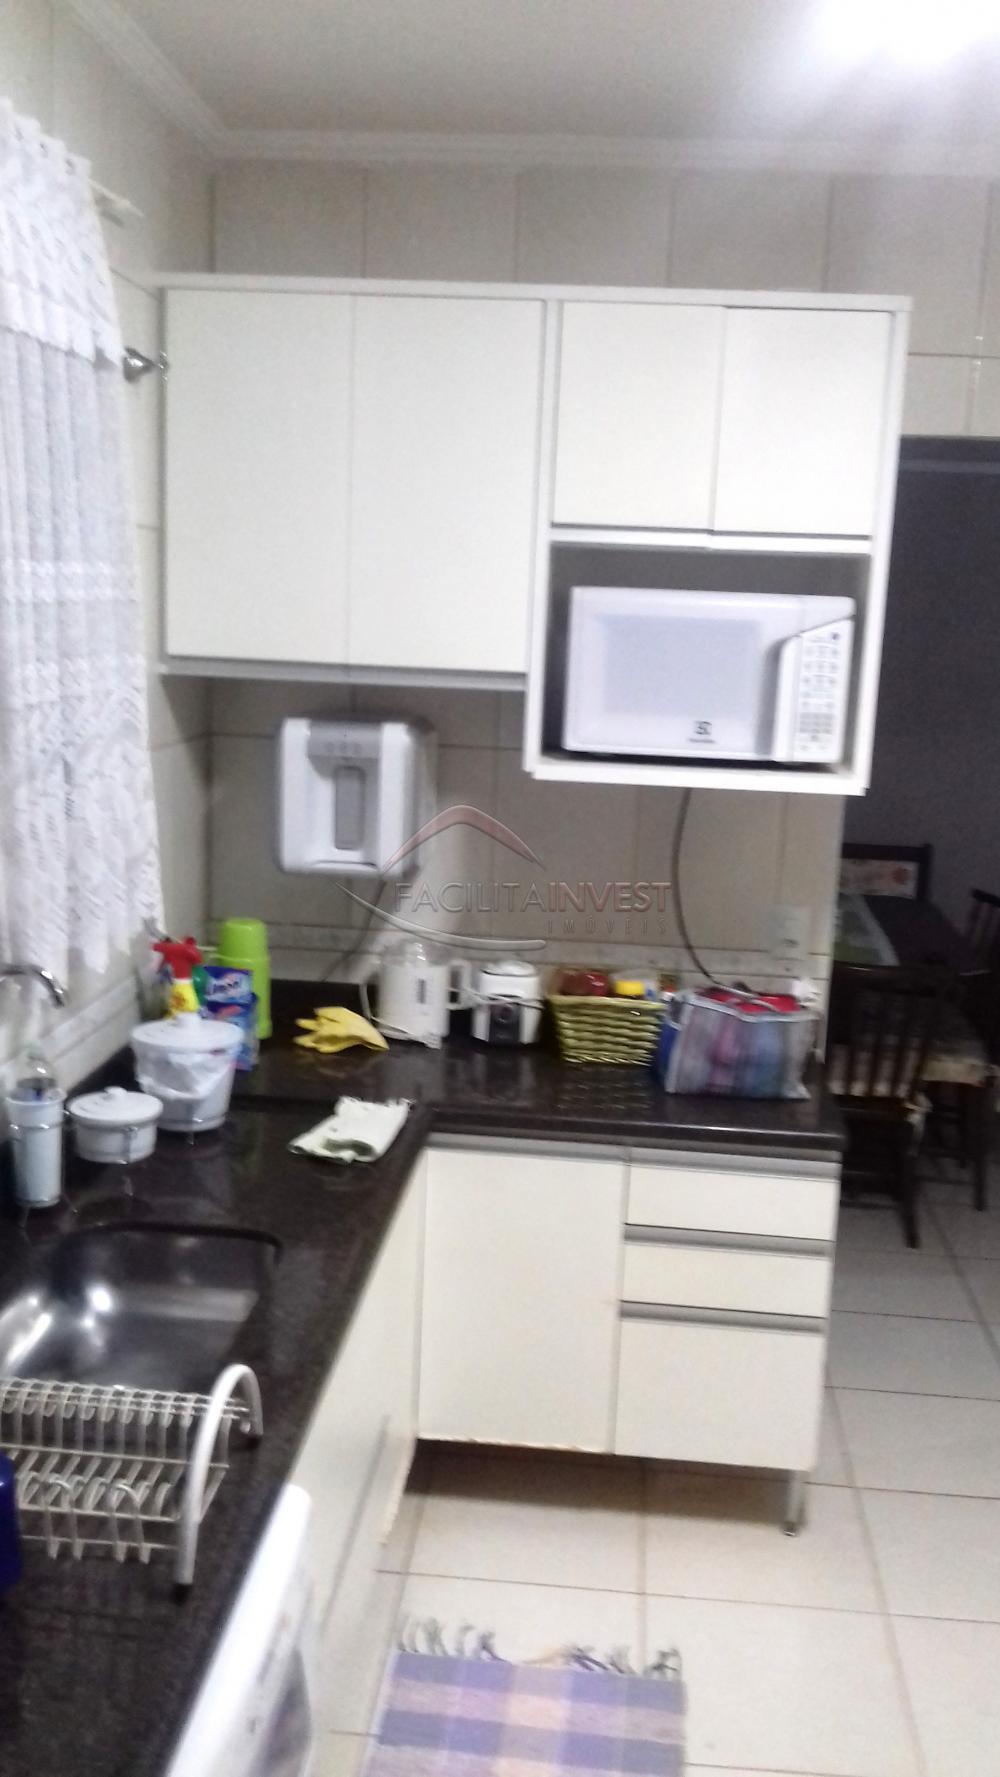 Comprar Casa Condomínio / Casa Condomínio em Ribeirão Preto apenas R$ 450.000,00 - Foto 18